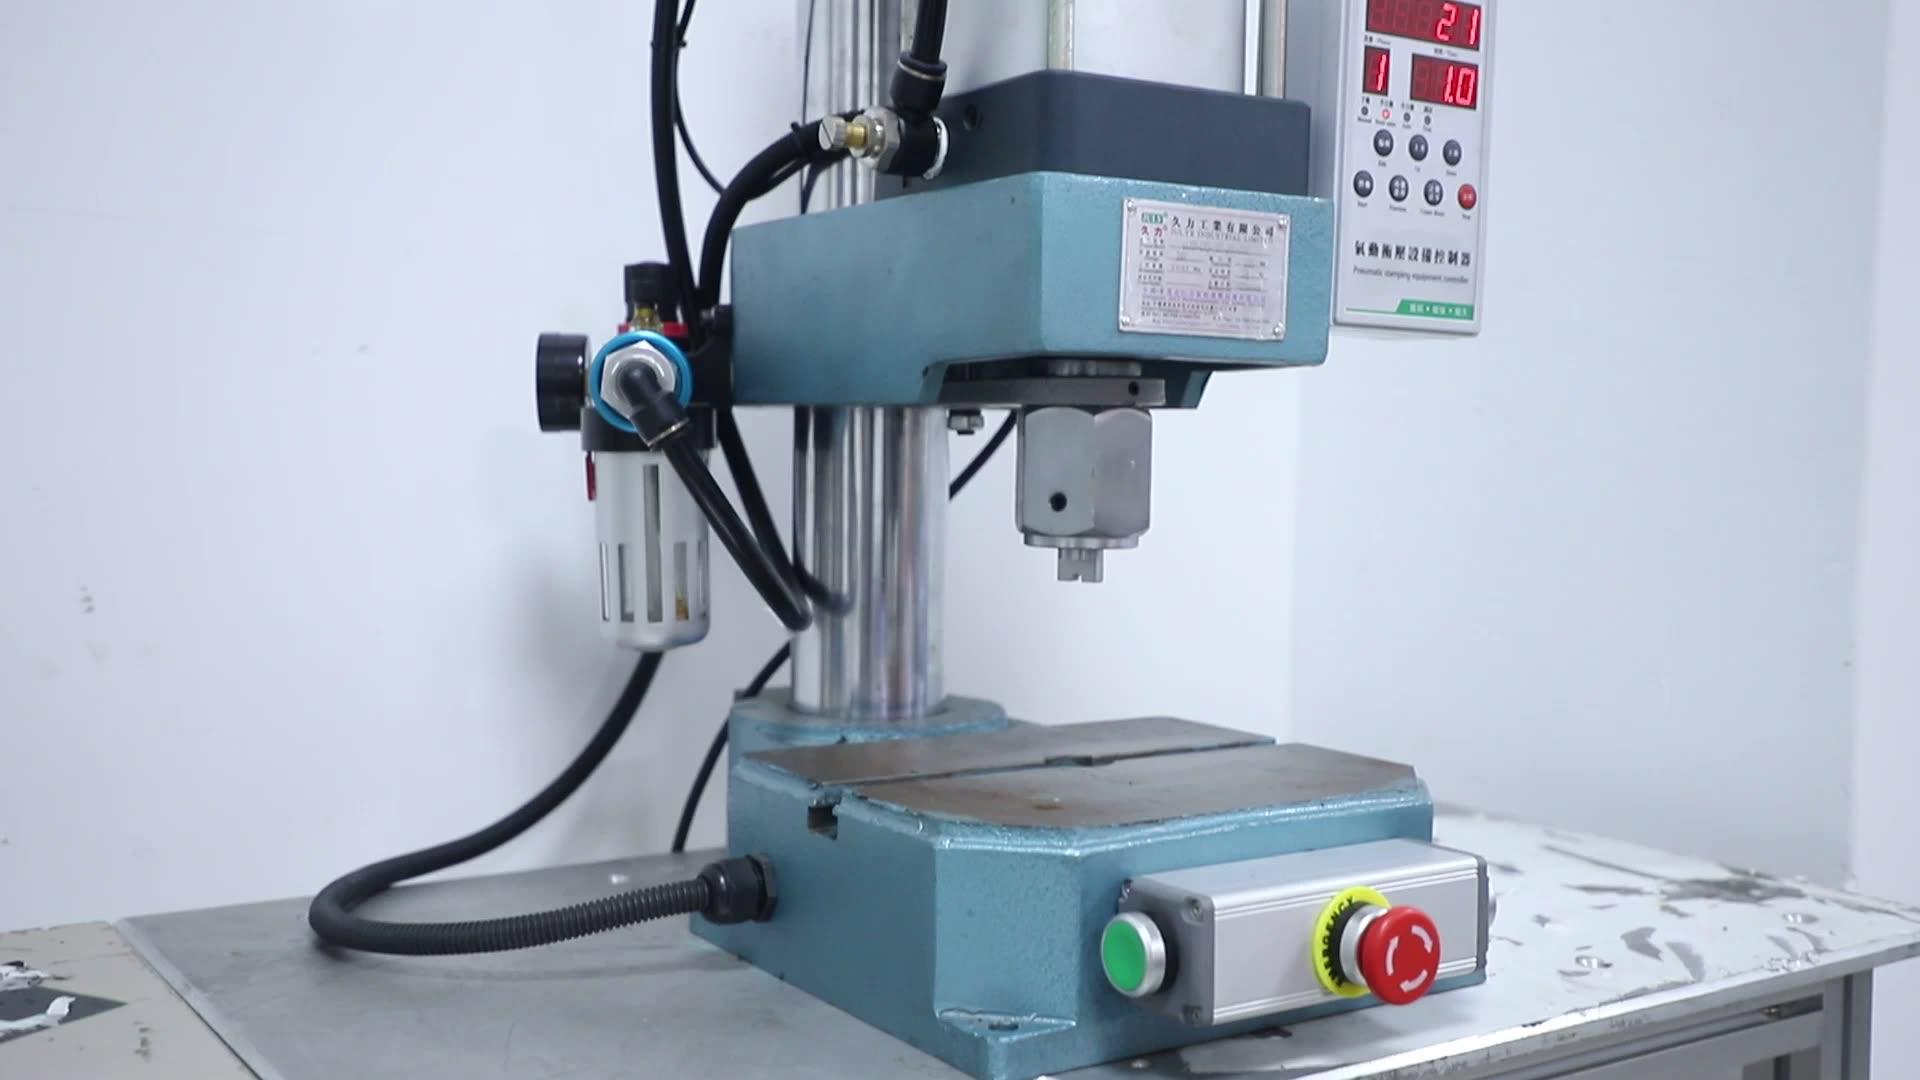 Dongguan Julio directa de la Fábrica de la fabricación de jabón de prensas para manual